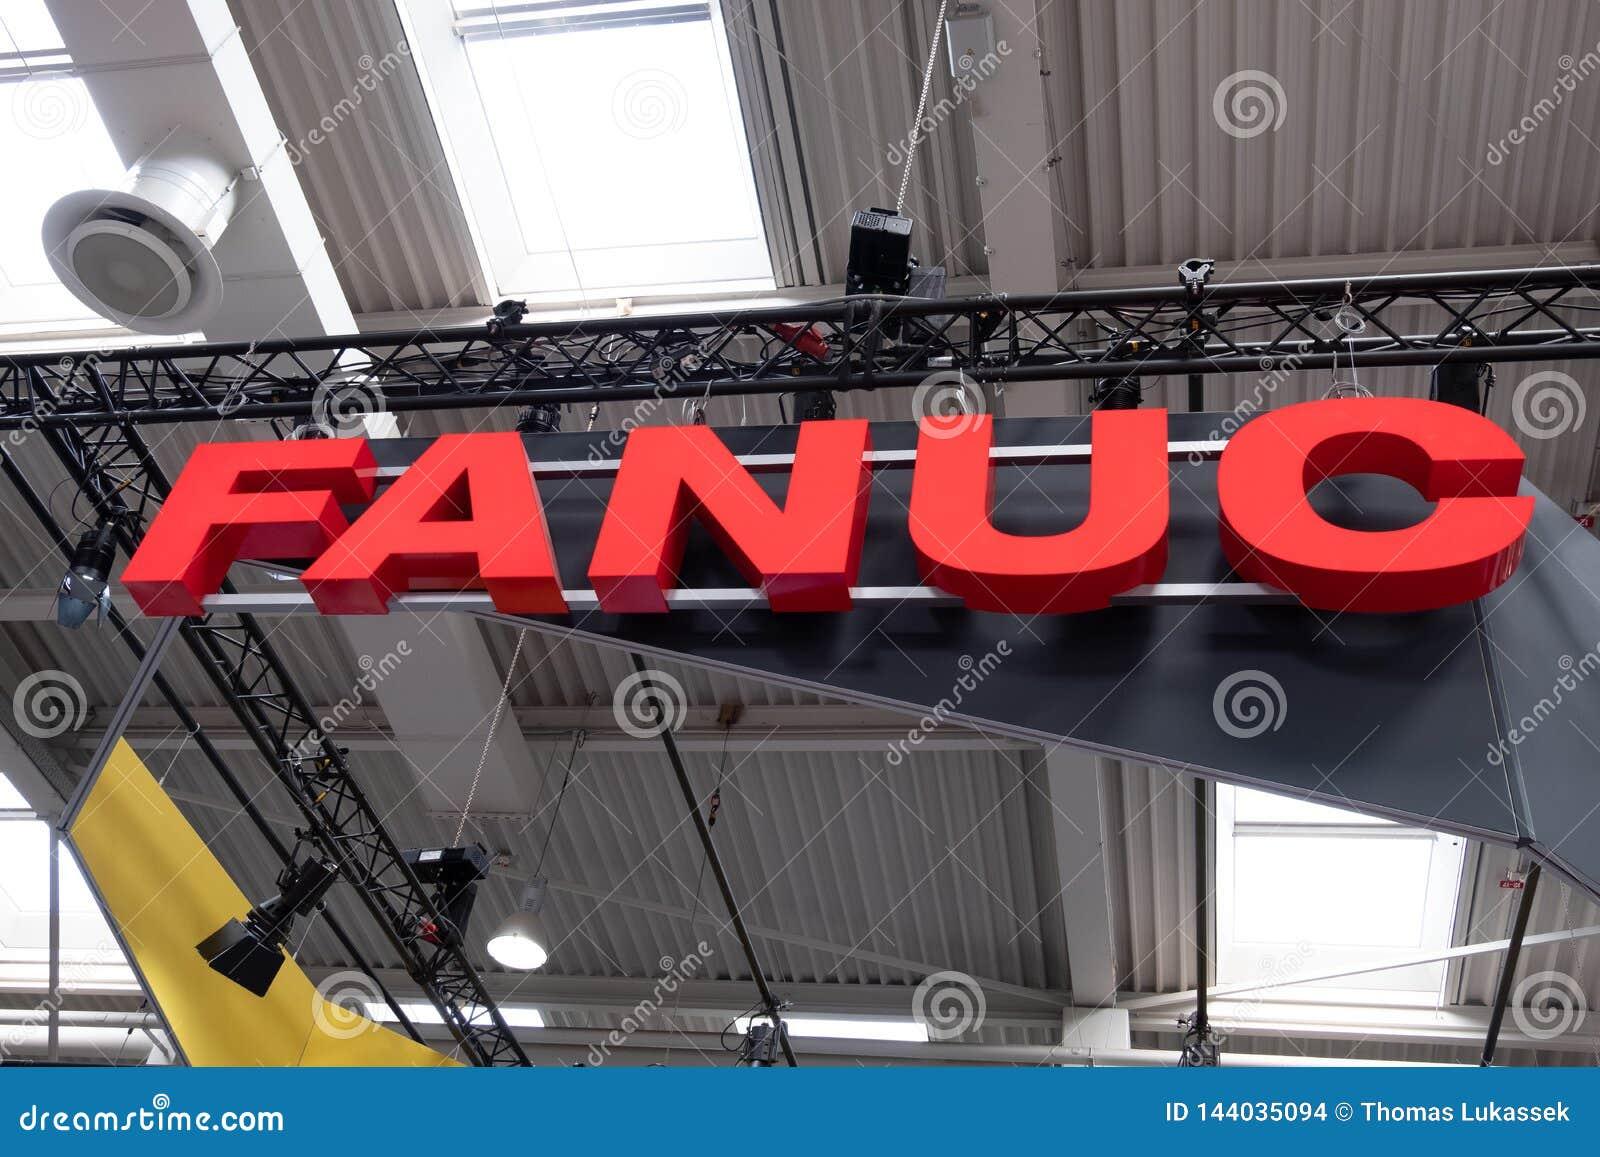 Hannover, Deutschland - 2. April 2019: FANUC stellt die neueste Generation von Robotern an der HANNOVER-MESSE vor